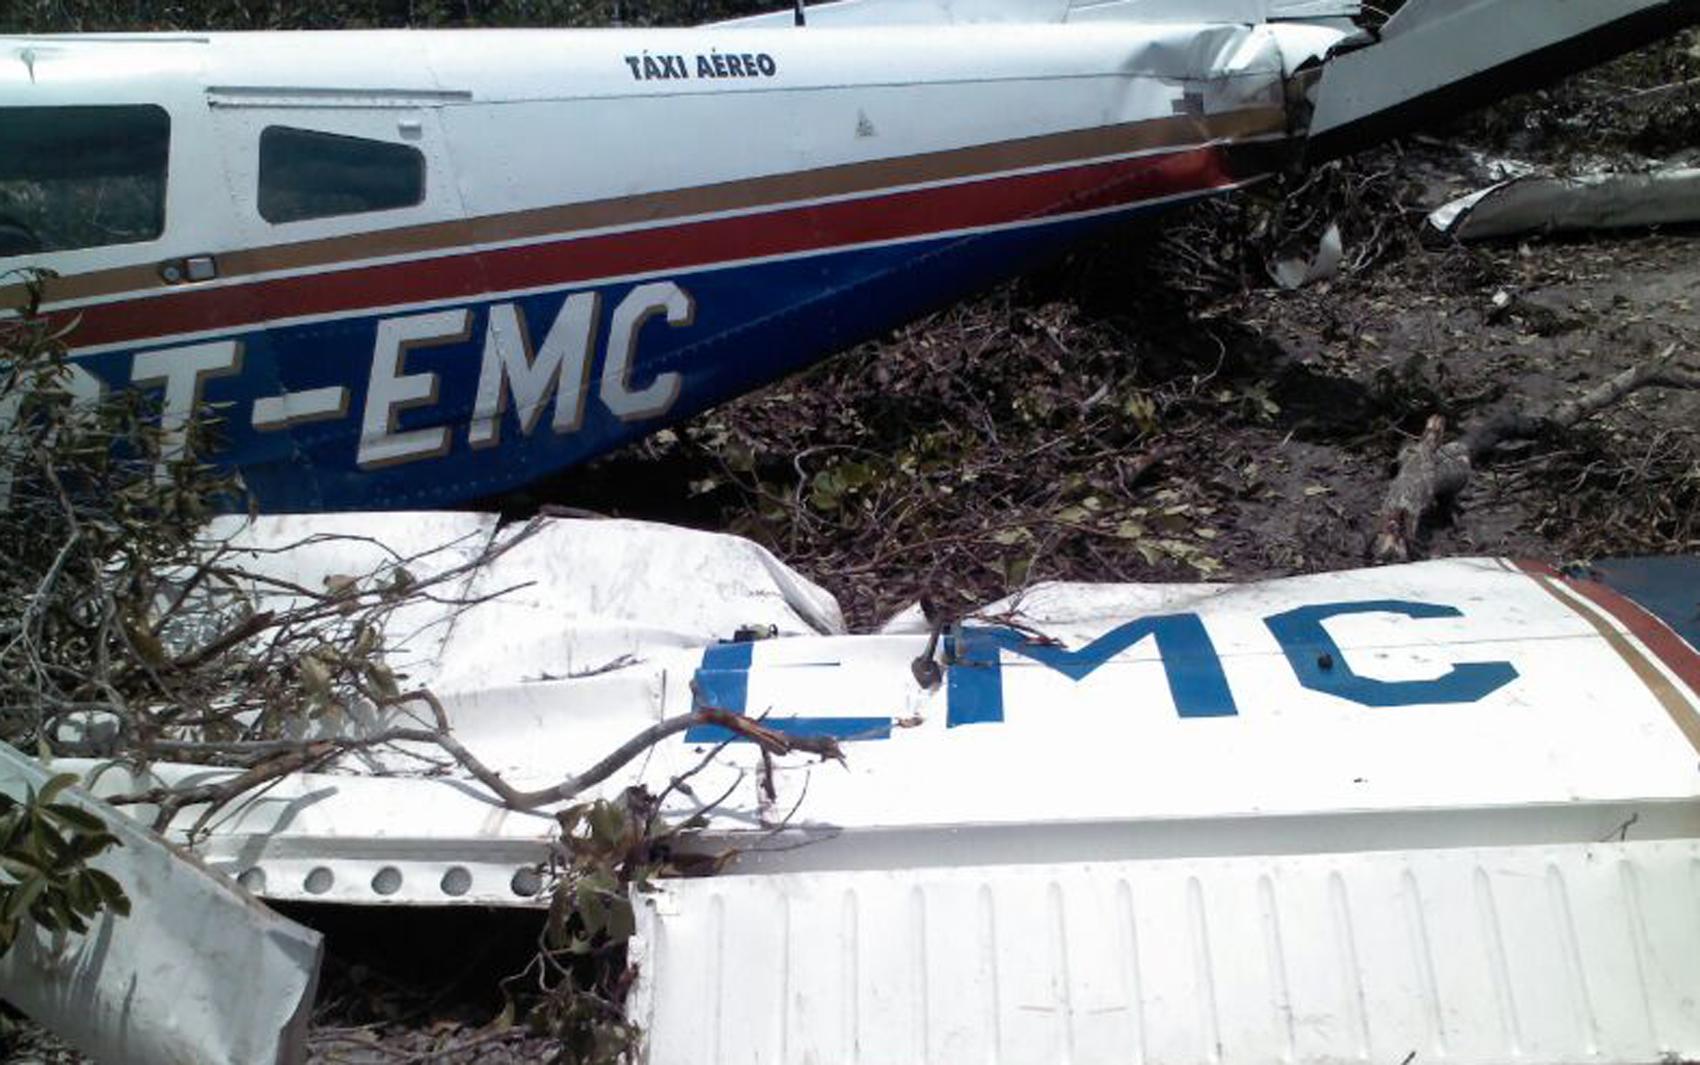 Avião ficou bastante danificado após pouso forçado